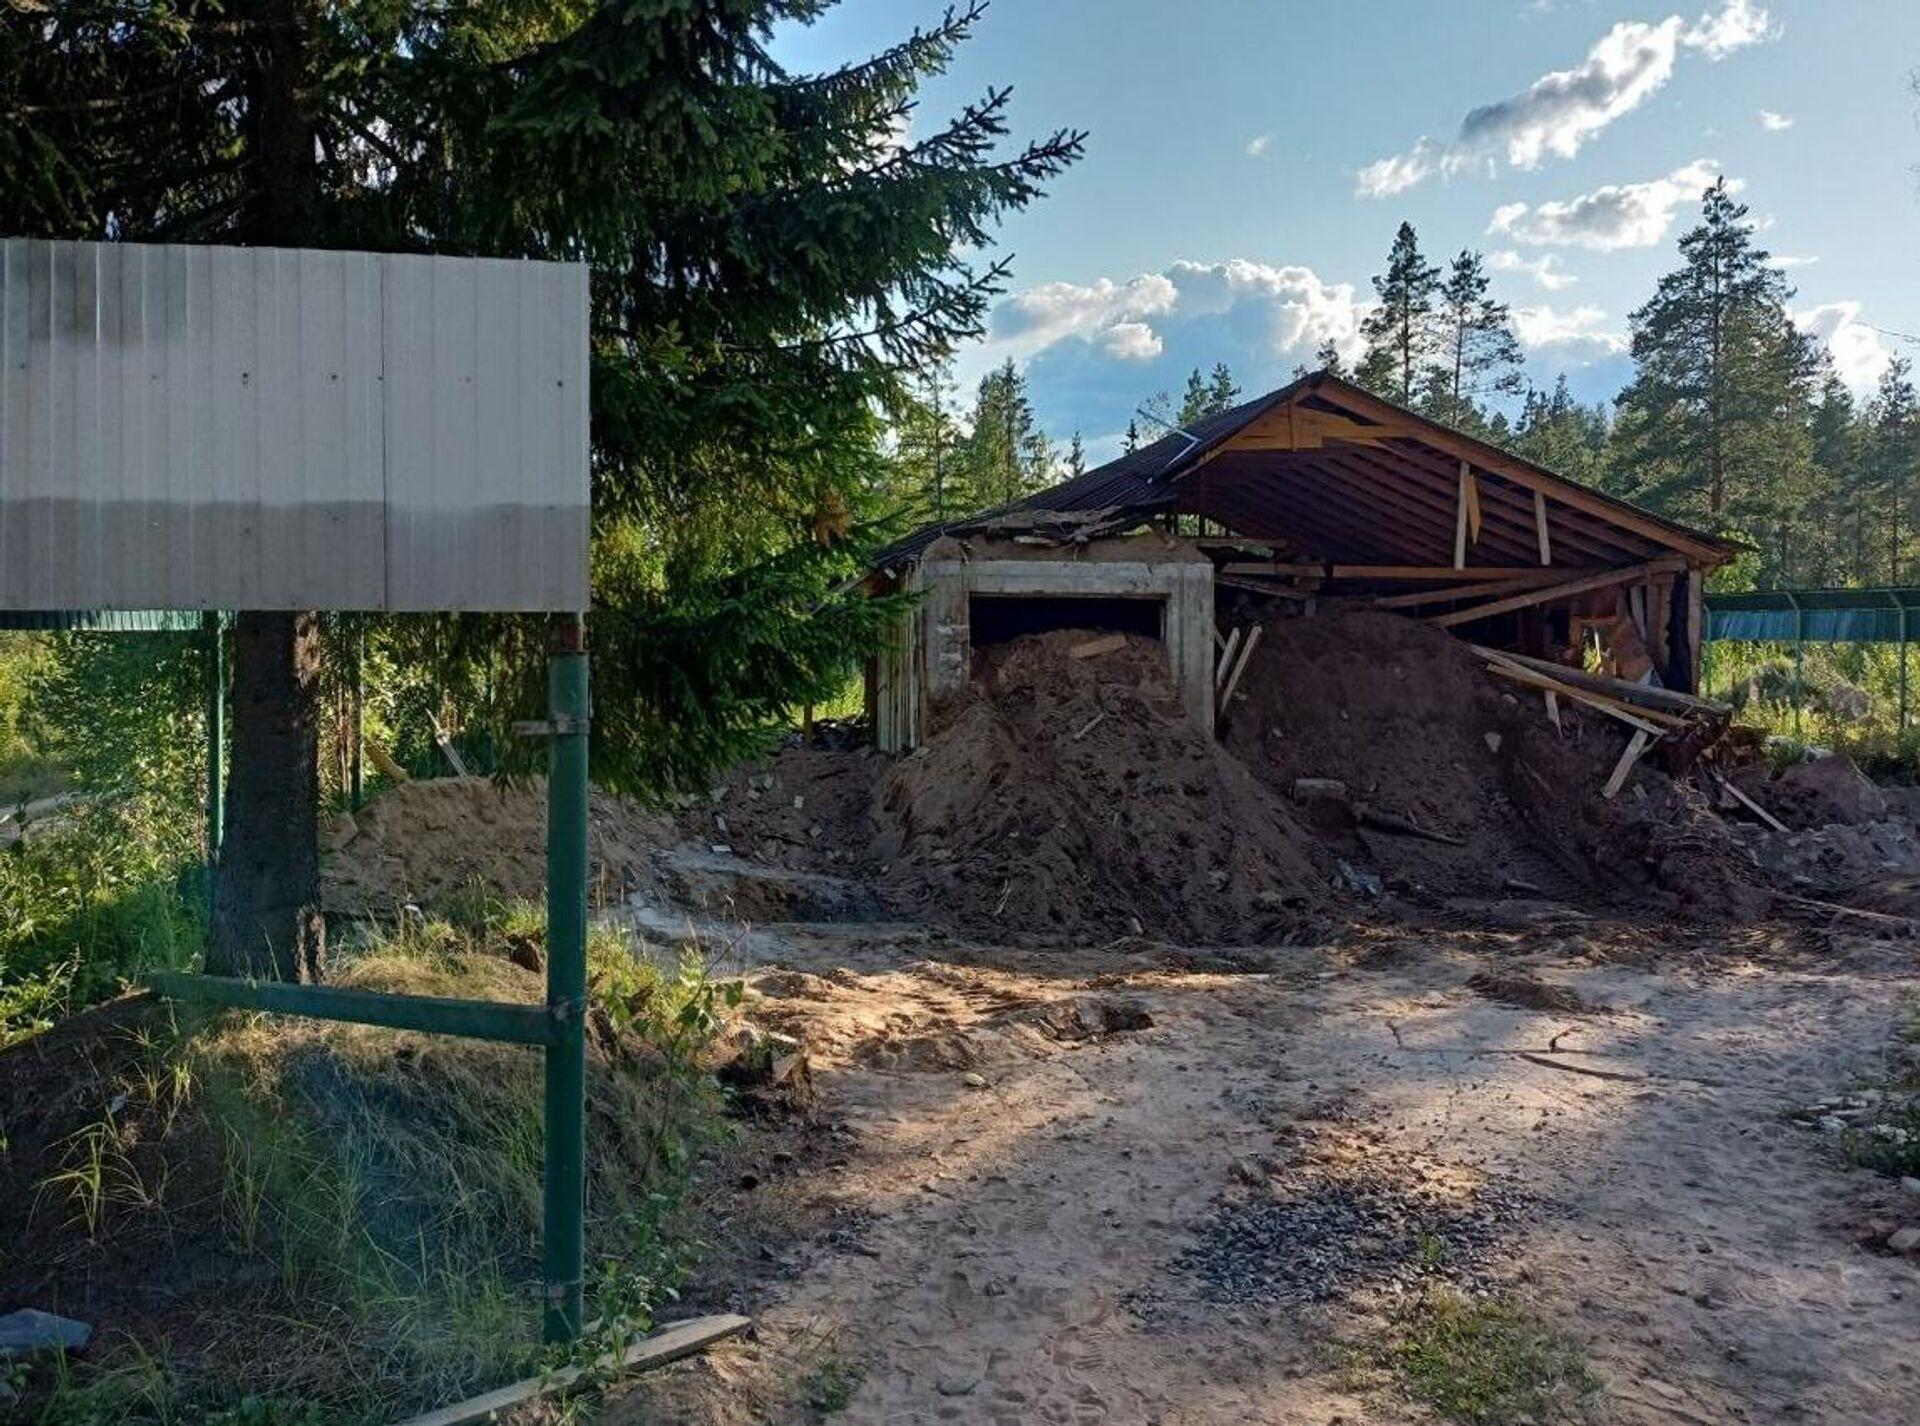 СК не обнаружил следов пребывания людей в бункере с крематорием, найденном в Ленинградской области